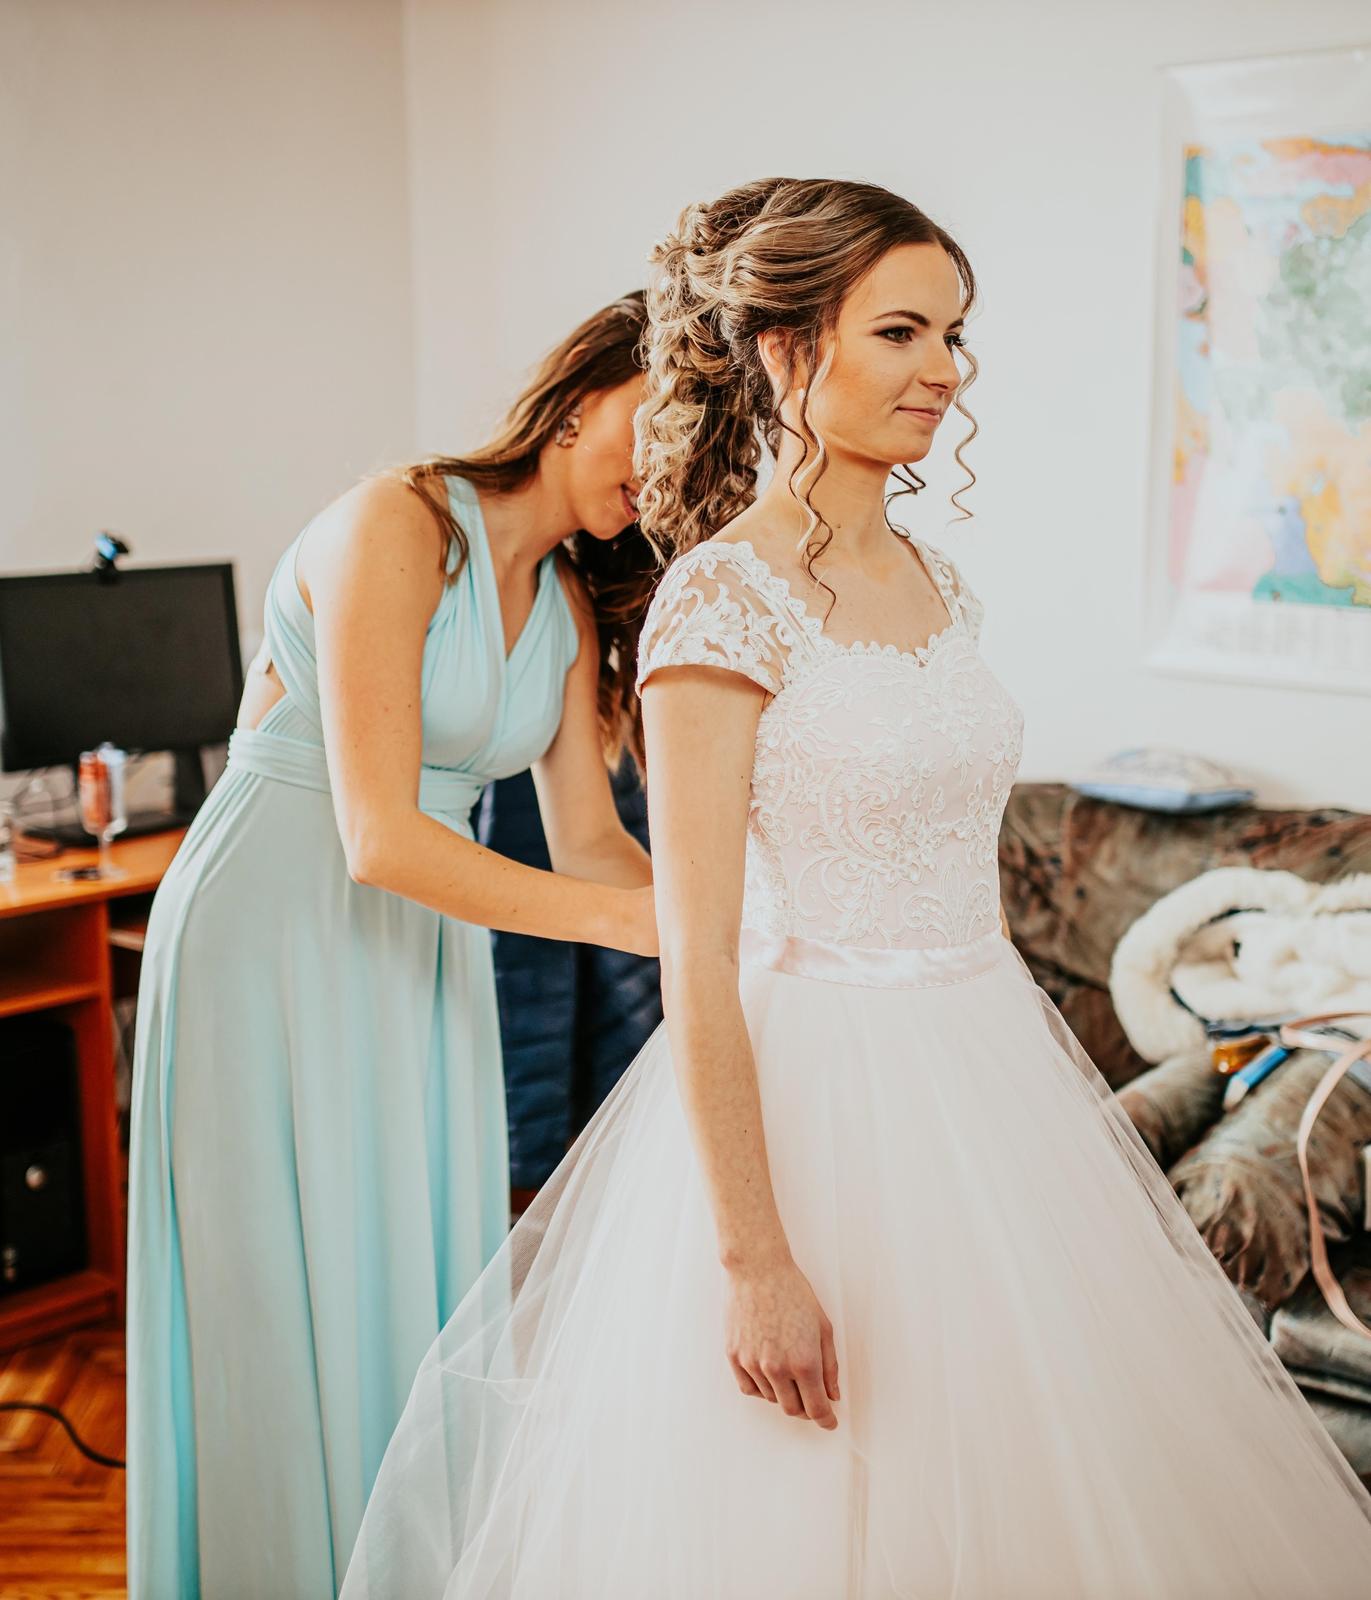 Svadobné šaty jemne ružovej farby (34-38) - Obrázok č. 2